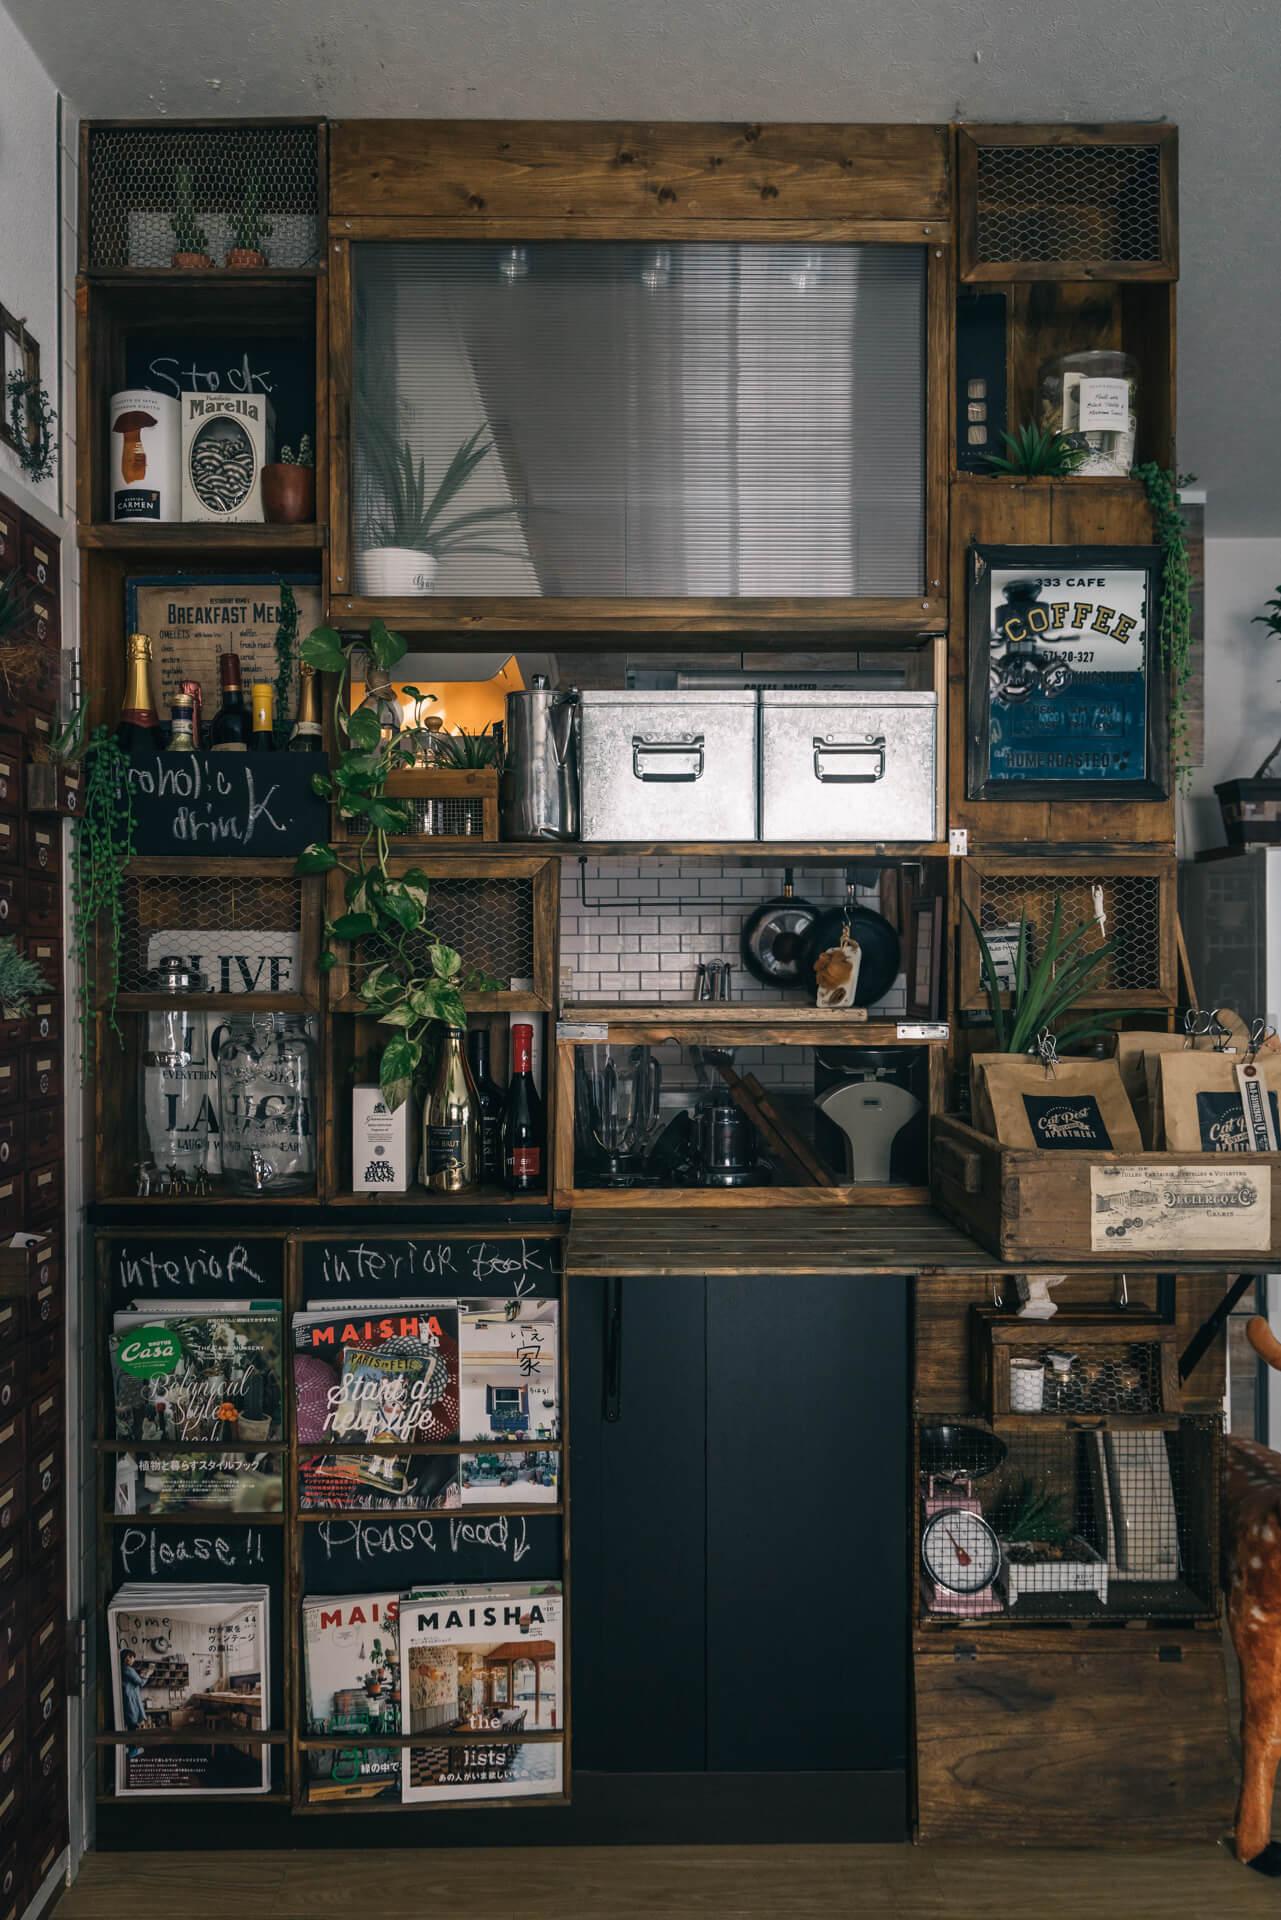 リビングからキッチンが丸見えにならないように作ったキッチンカウンター。もともとはCDラックだった棚の上に付け足して作っています。